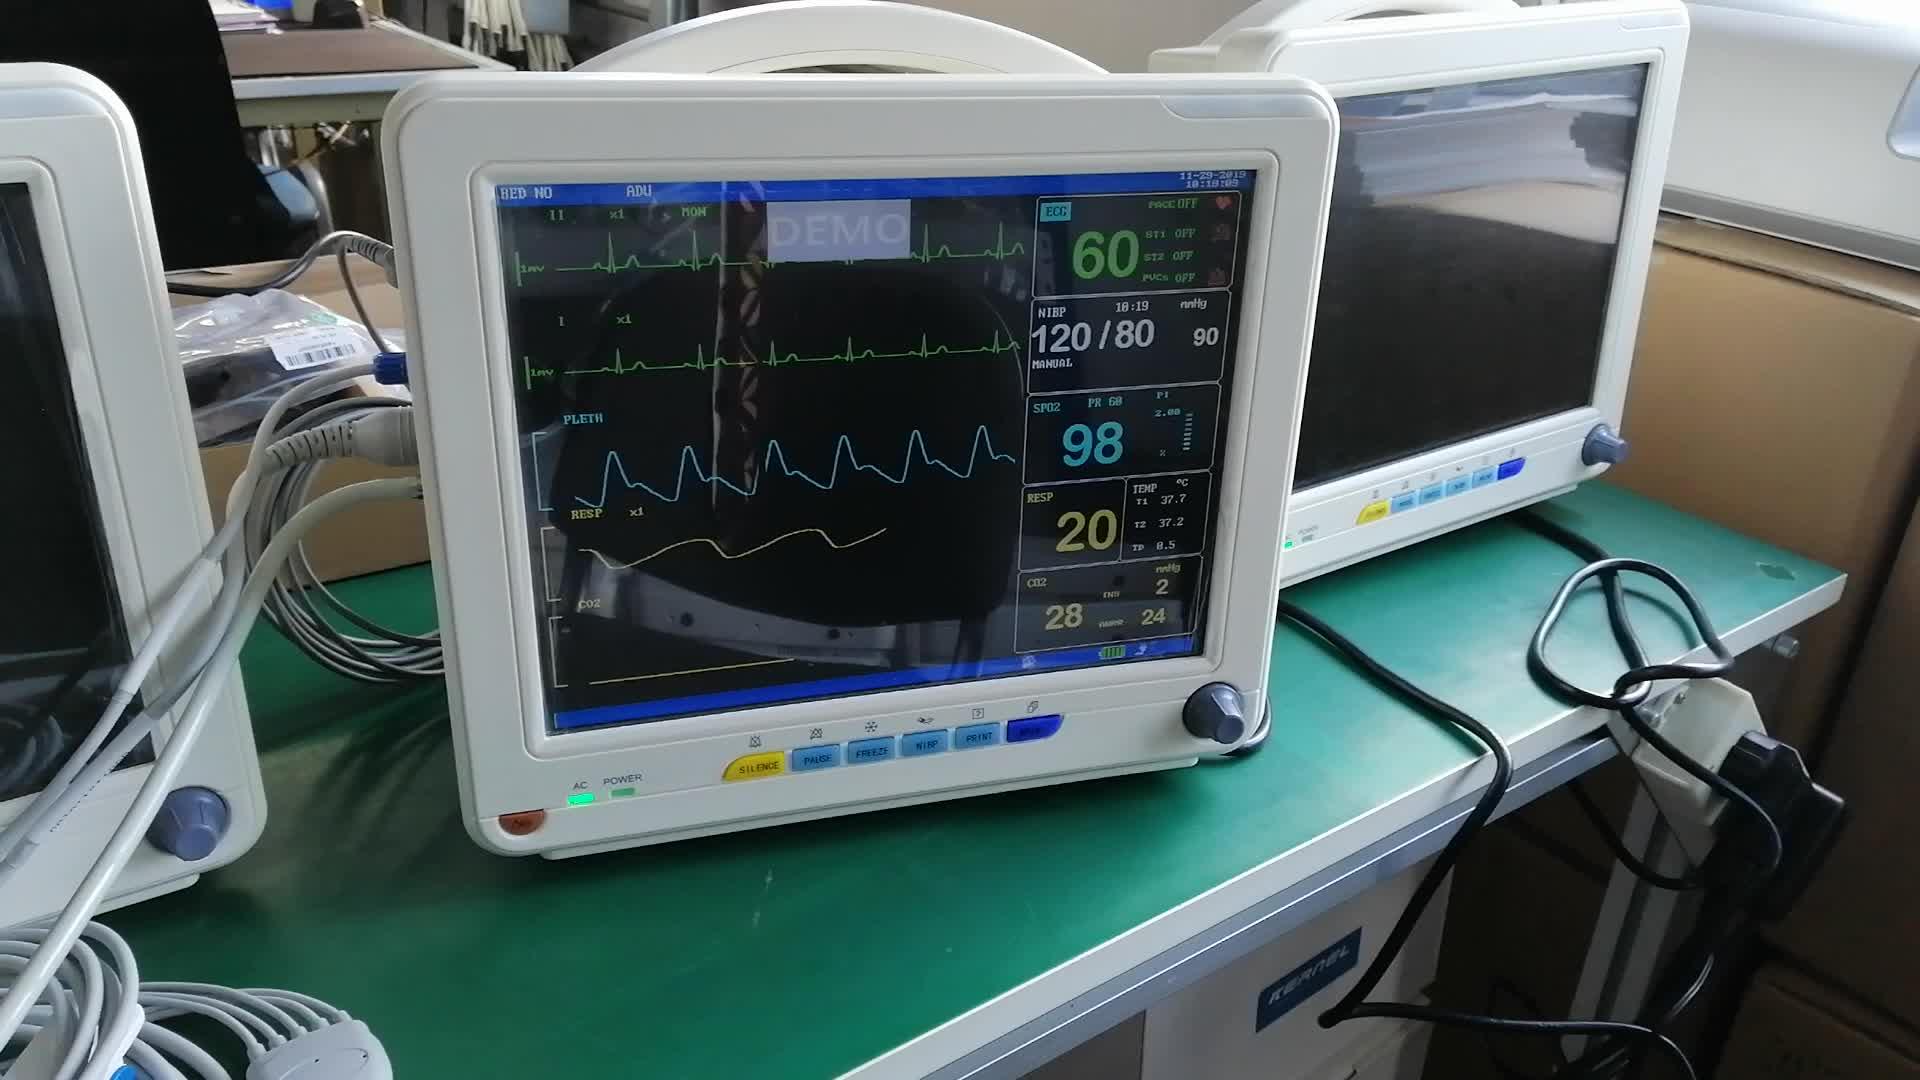 Ekg makinesi/hasta monitörü/tıbbi ekipman hastane için çin'den çekirdeği KN-601